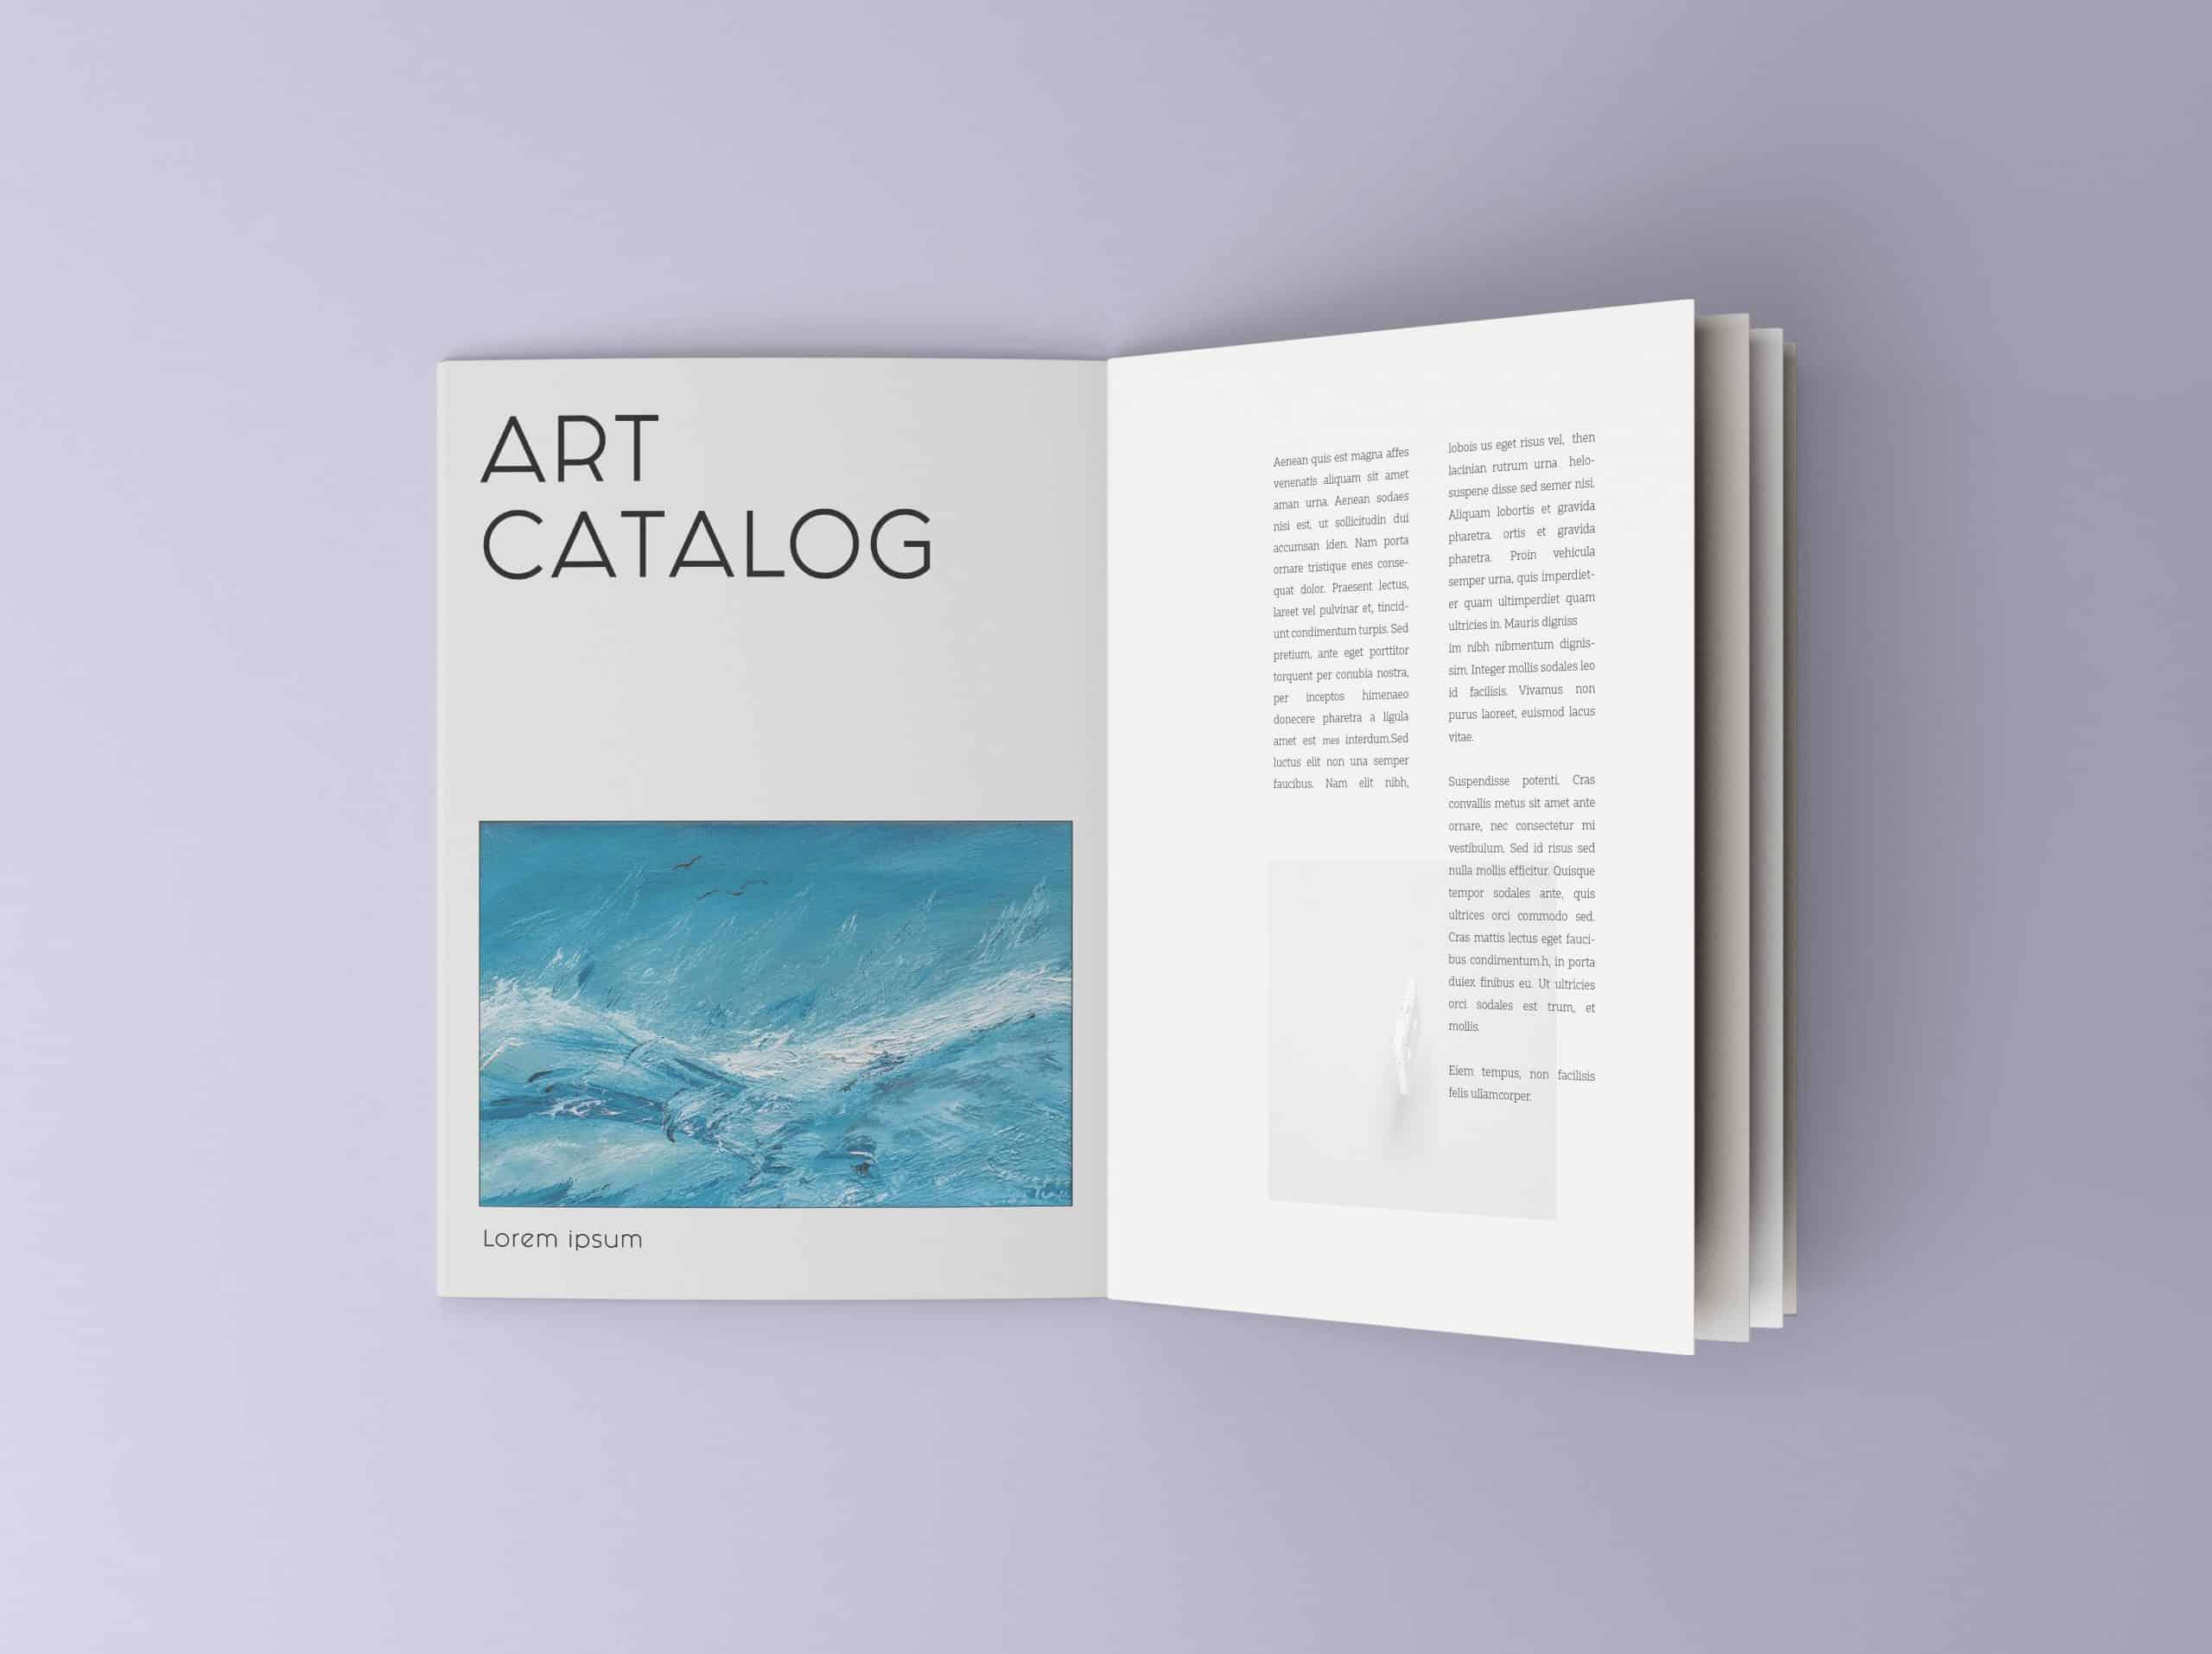 Specialisti in ogni catalogo d'arte